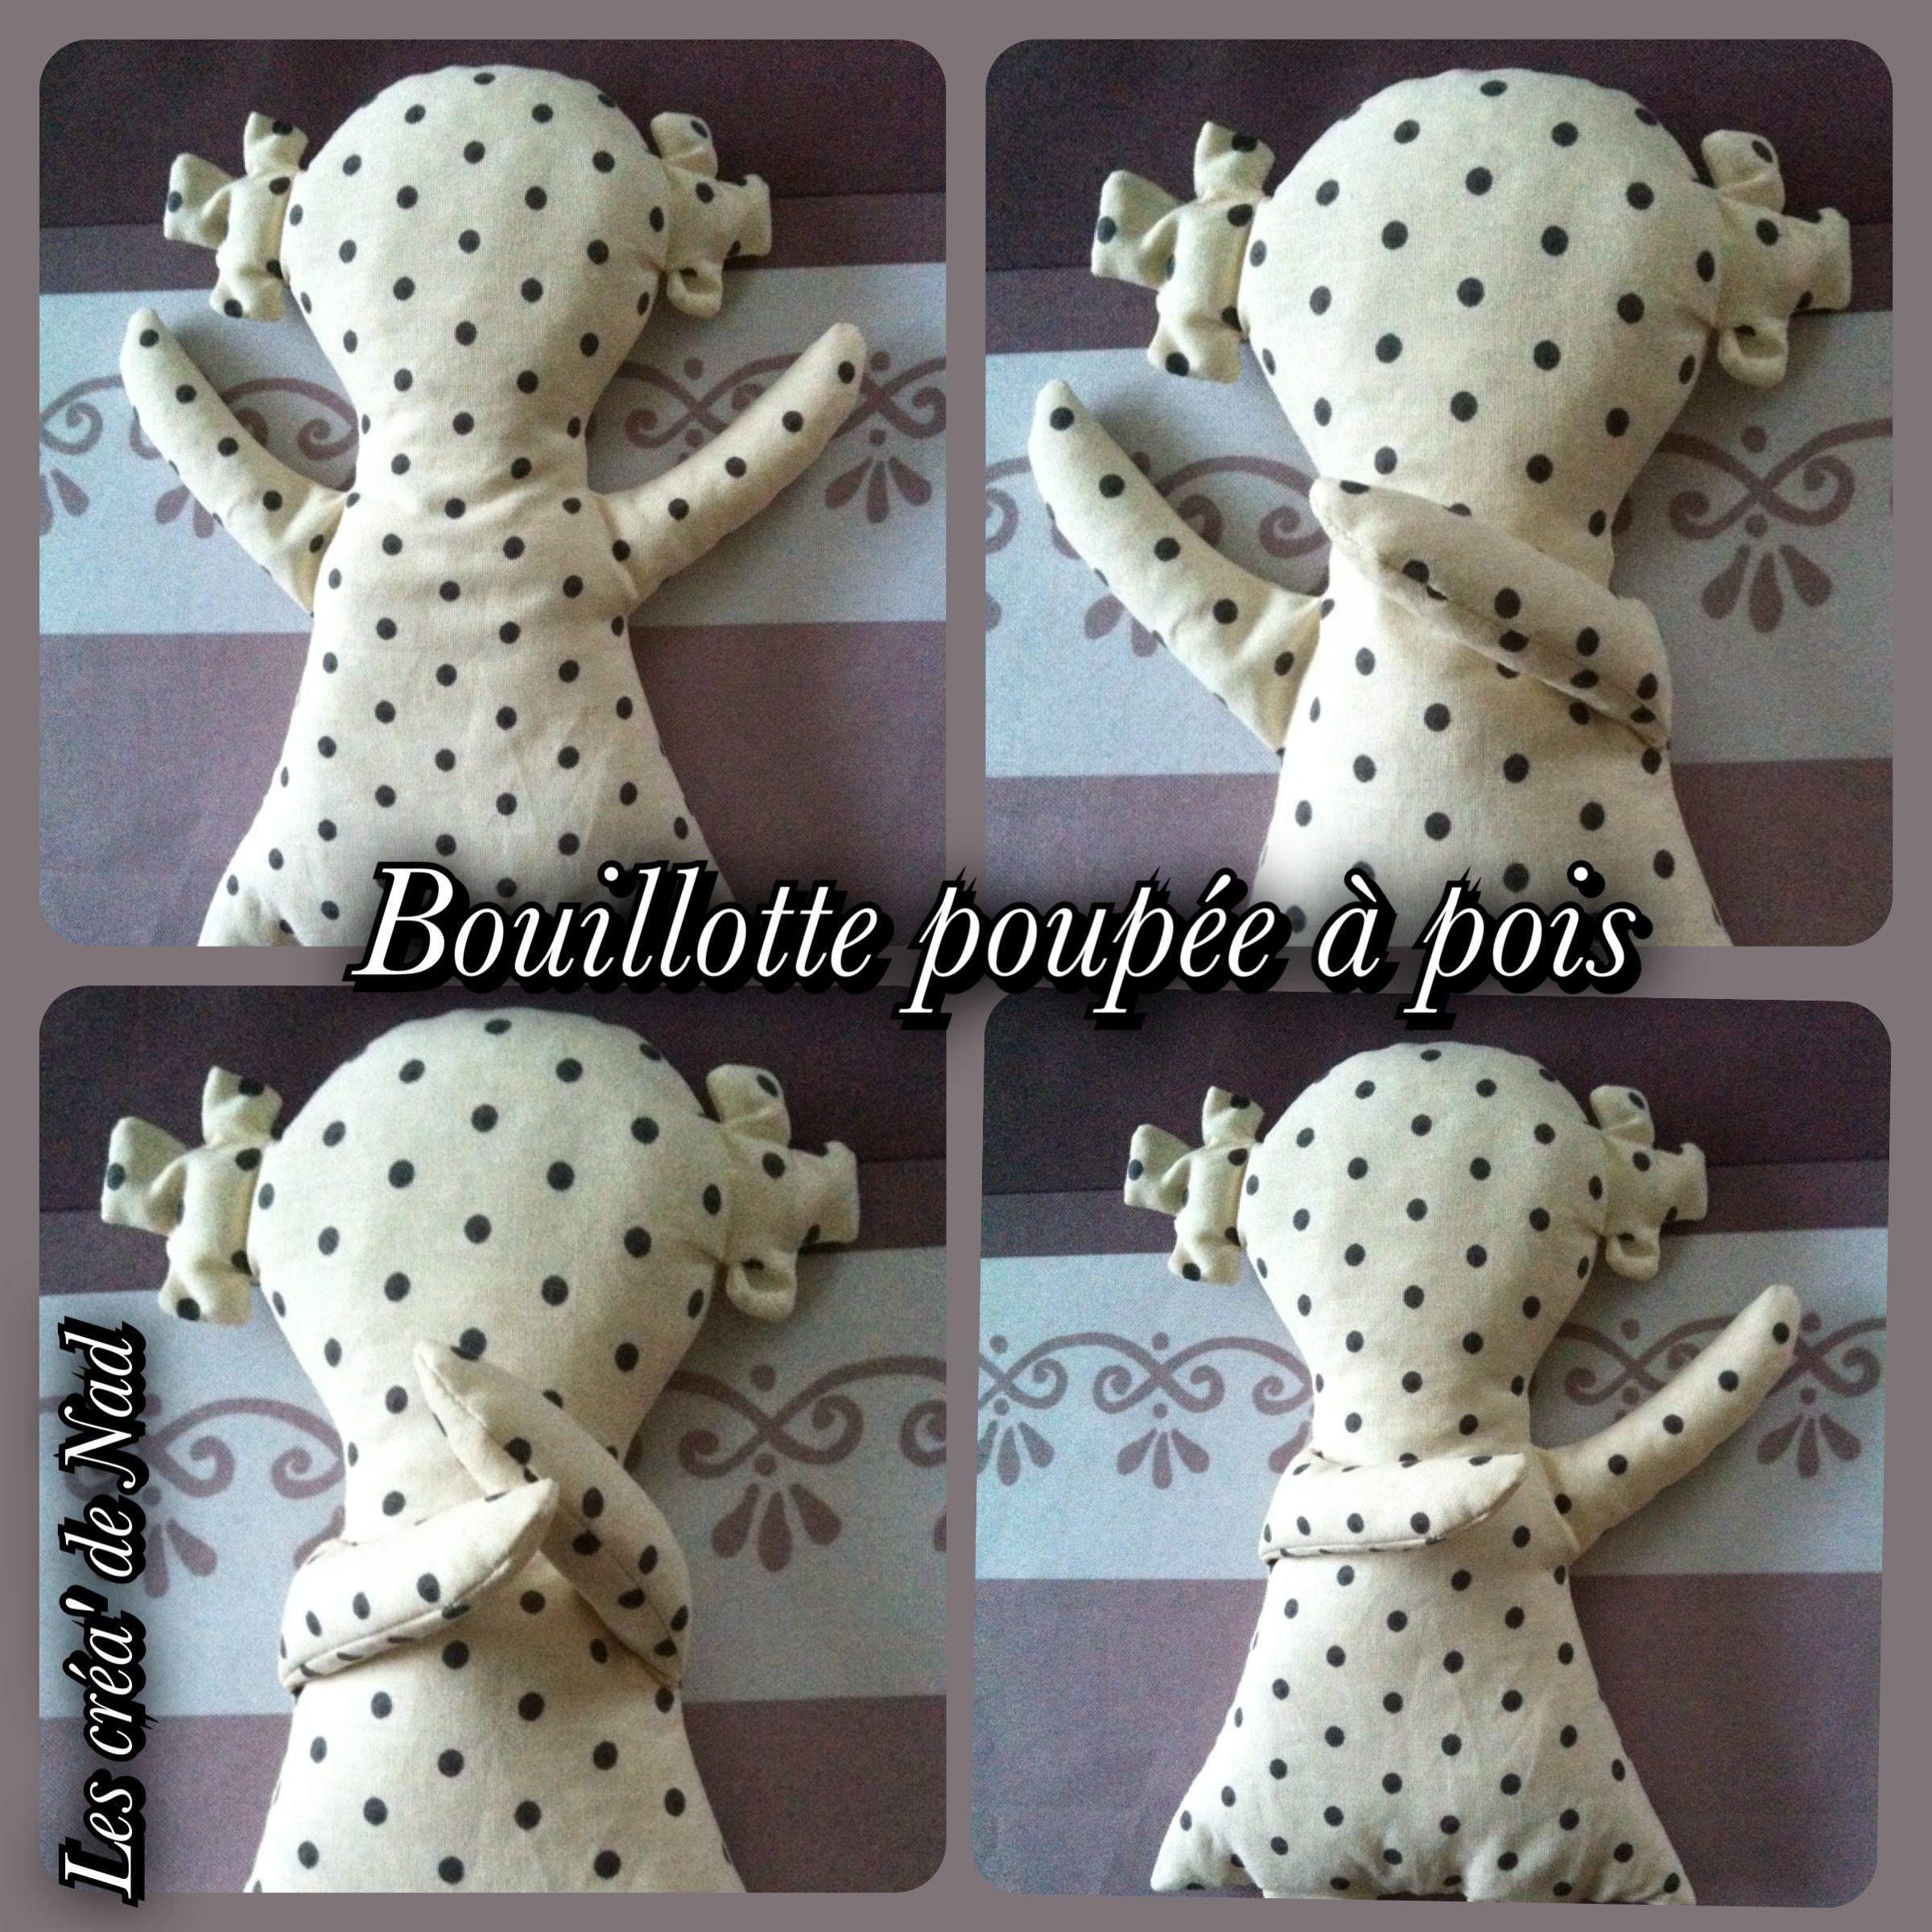 diy bouillotte s che poup e en tissu au riz et parfum e la lavande doll white grey. Black Bedroom Furniture Sets. Home Design Ideas